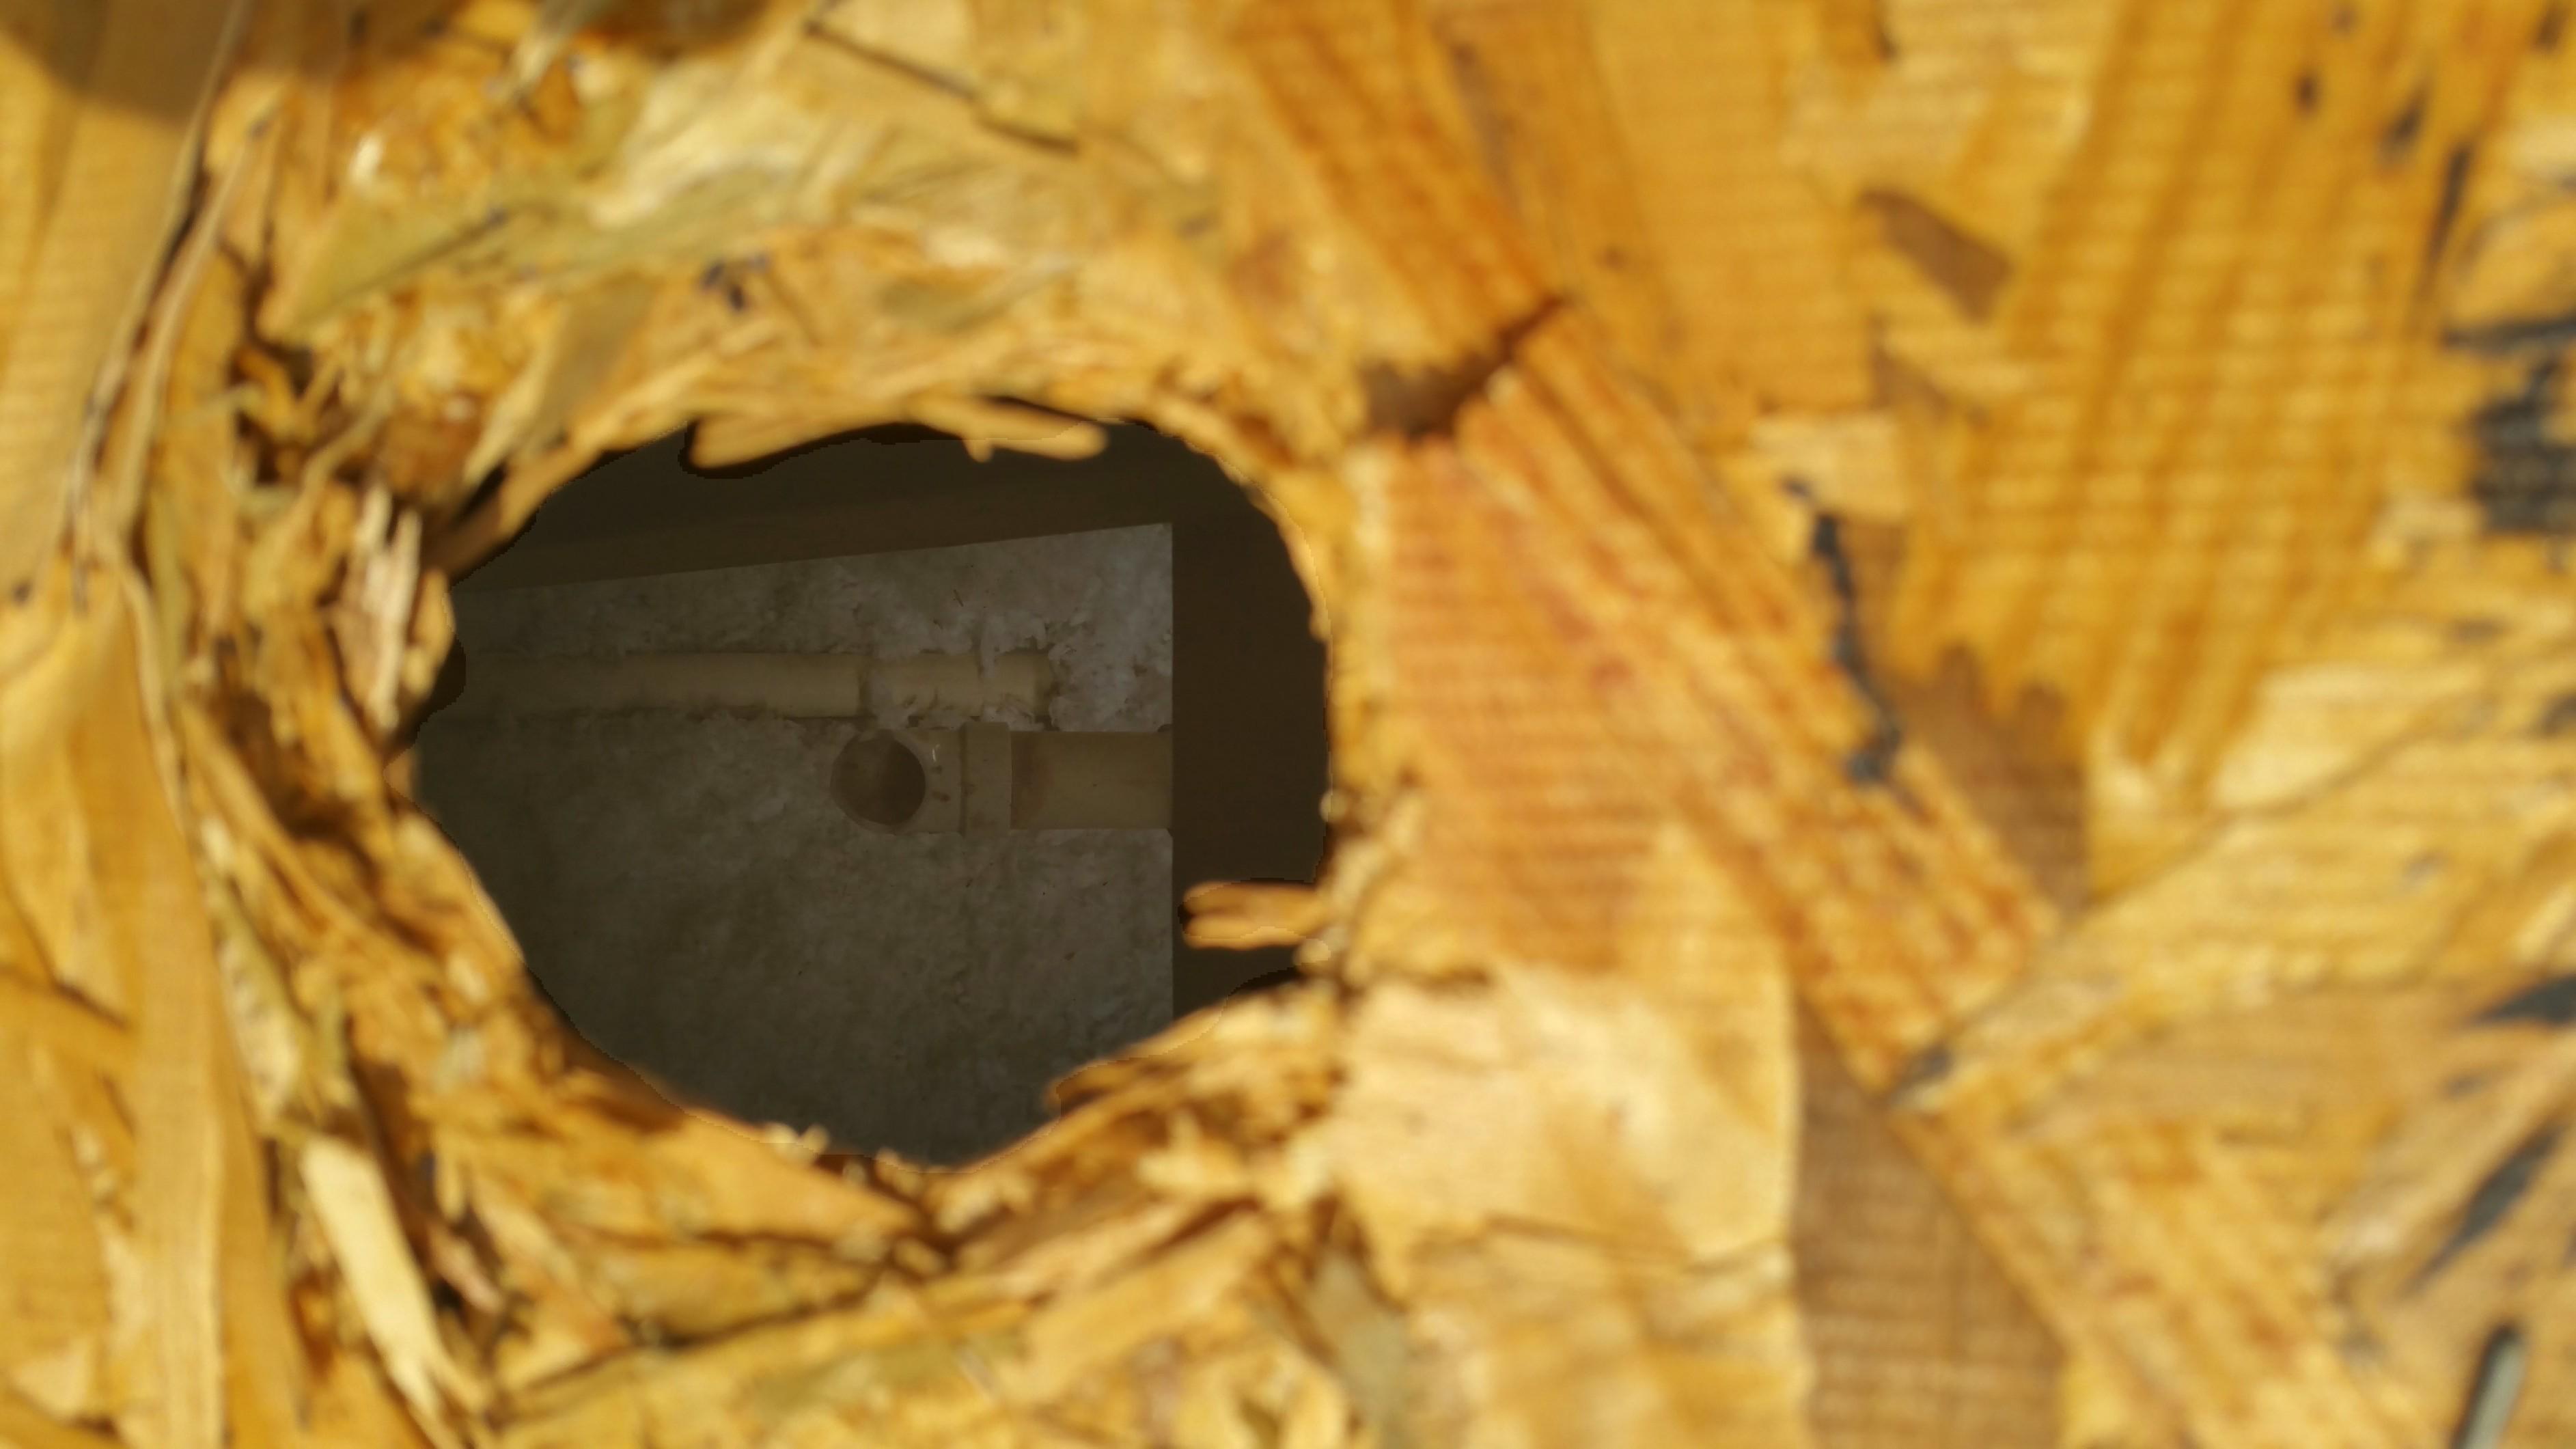 Plumbing Vent Broken Charlotte Pro Roofing